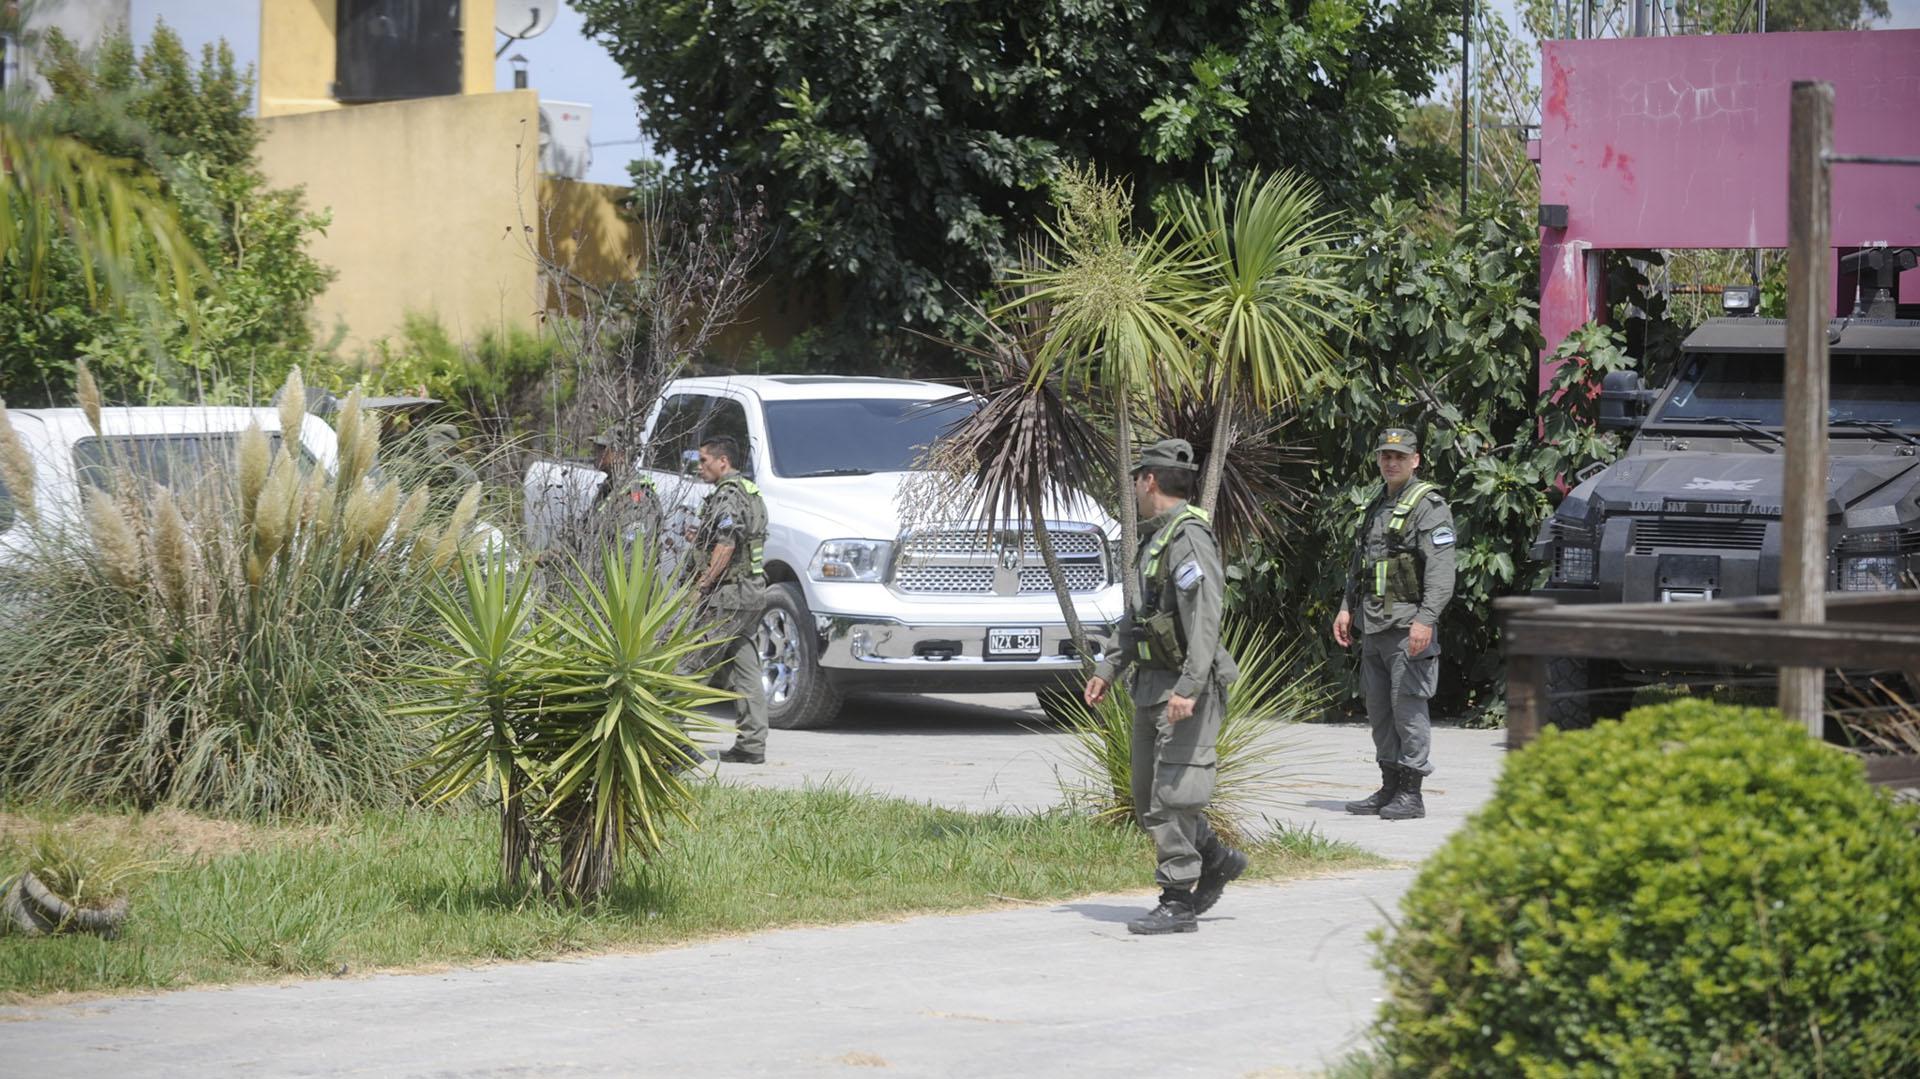 La casa está ubicada en la intersección de las calles 13 y 665 de la localidad de Ensenada (Dino Calvo)